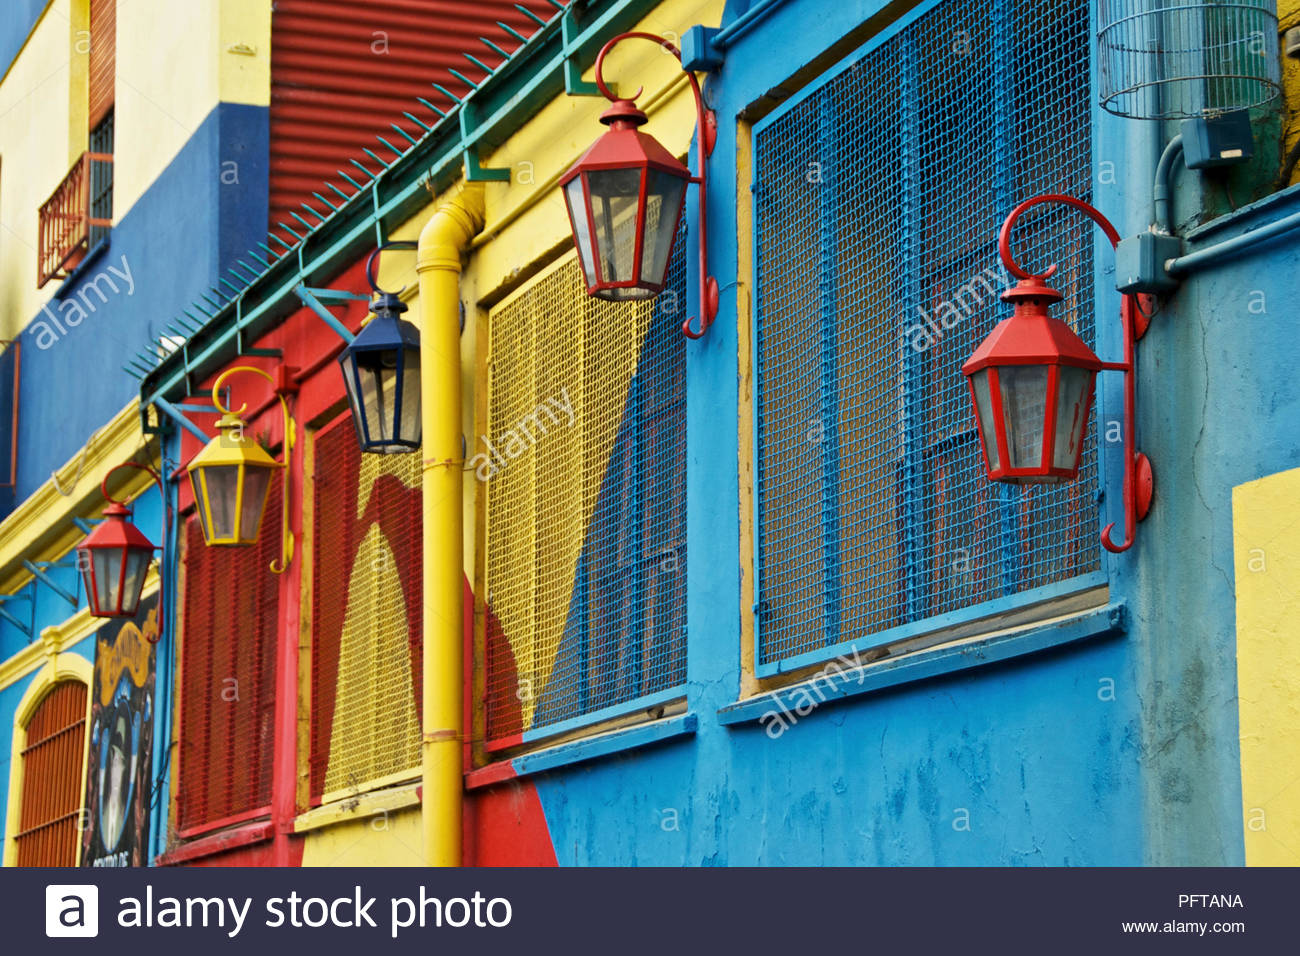 Sud America, verniciato colorato edificio con lampade stradali, La Boca distretto, Buenos Aires, Argentina Immagini Stock